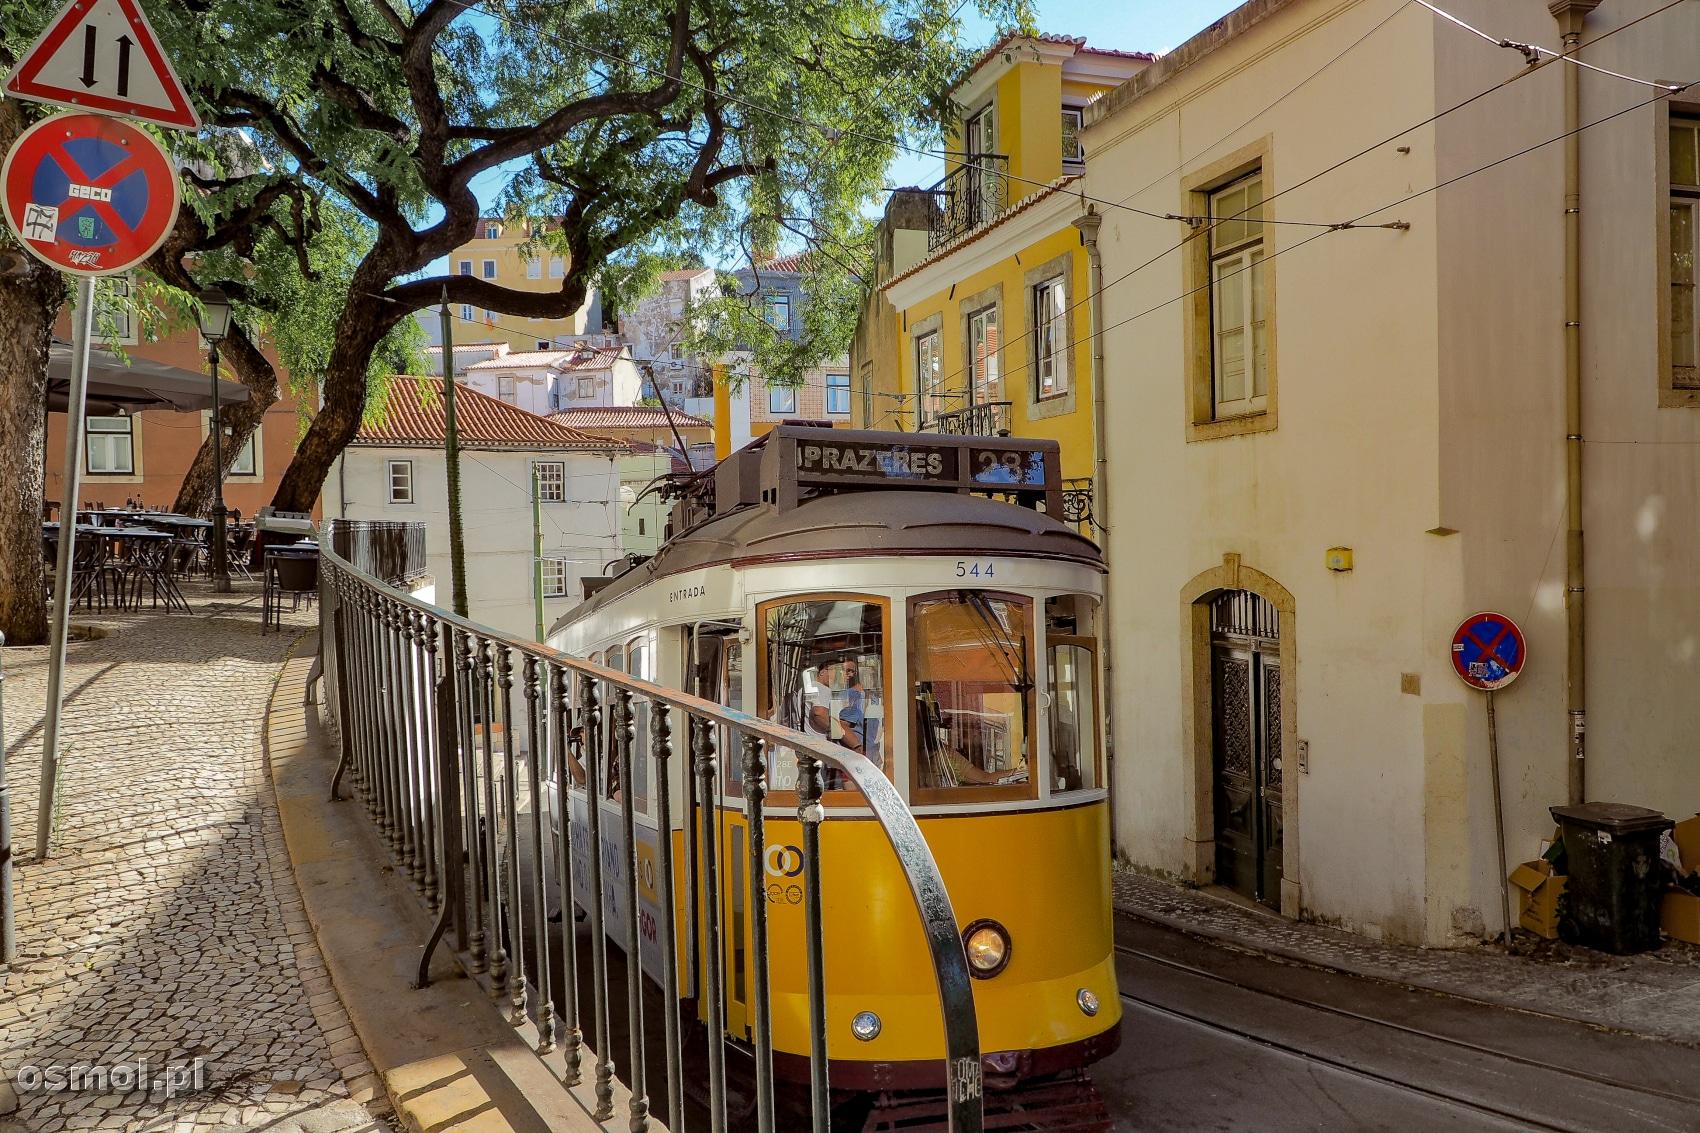 Tramwaj 28- chyba najbardziej charakterystyczny widok, z którym kojarzy się Lizbona.